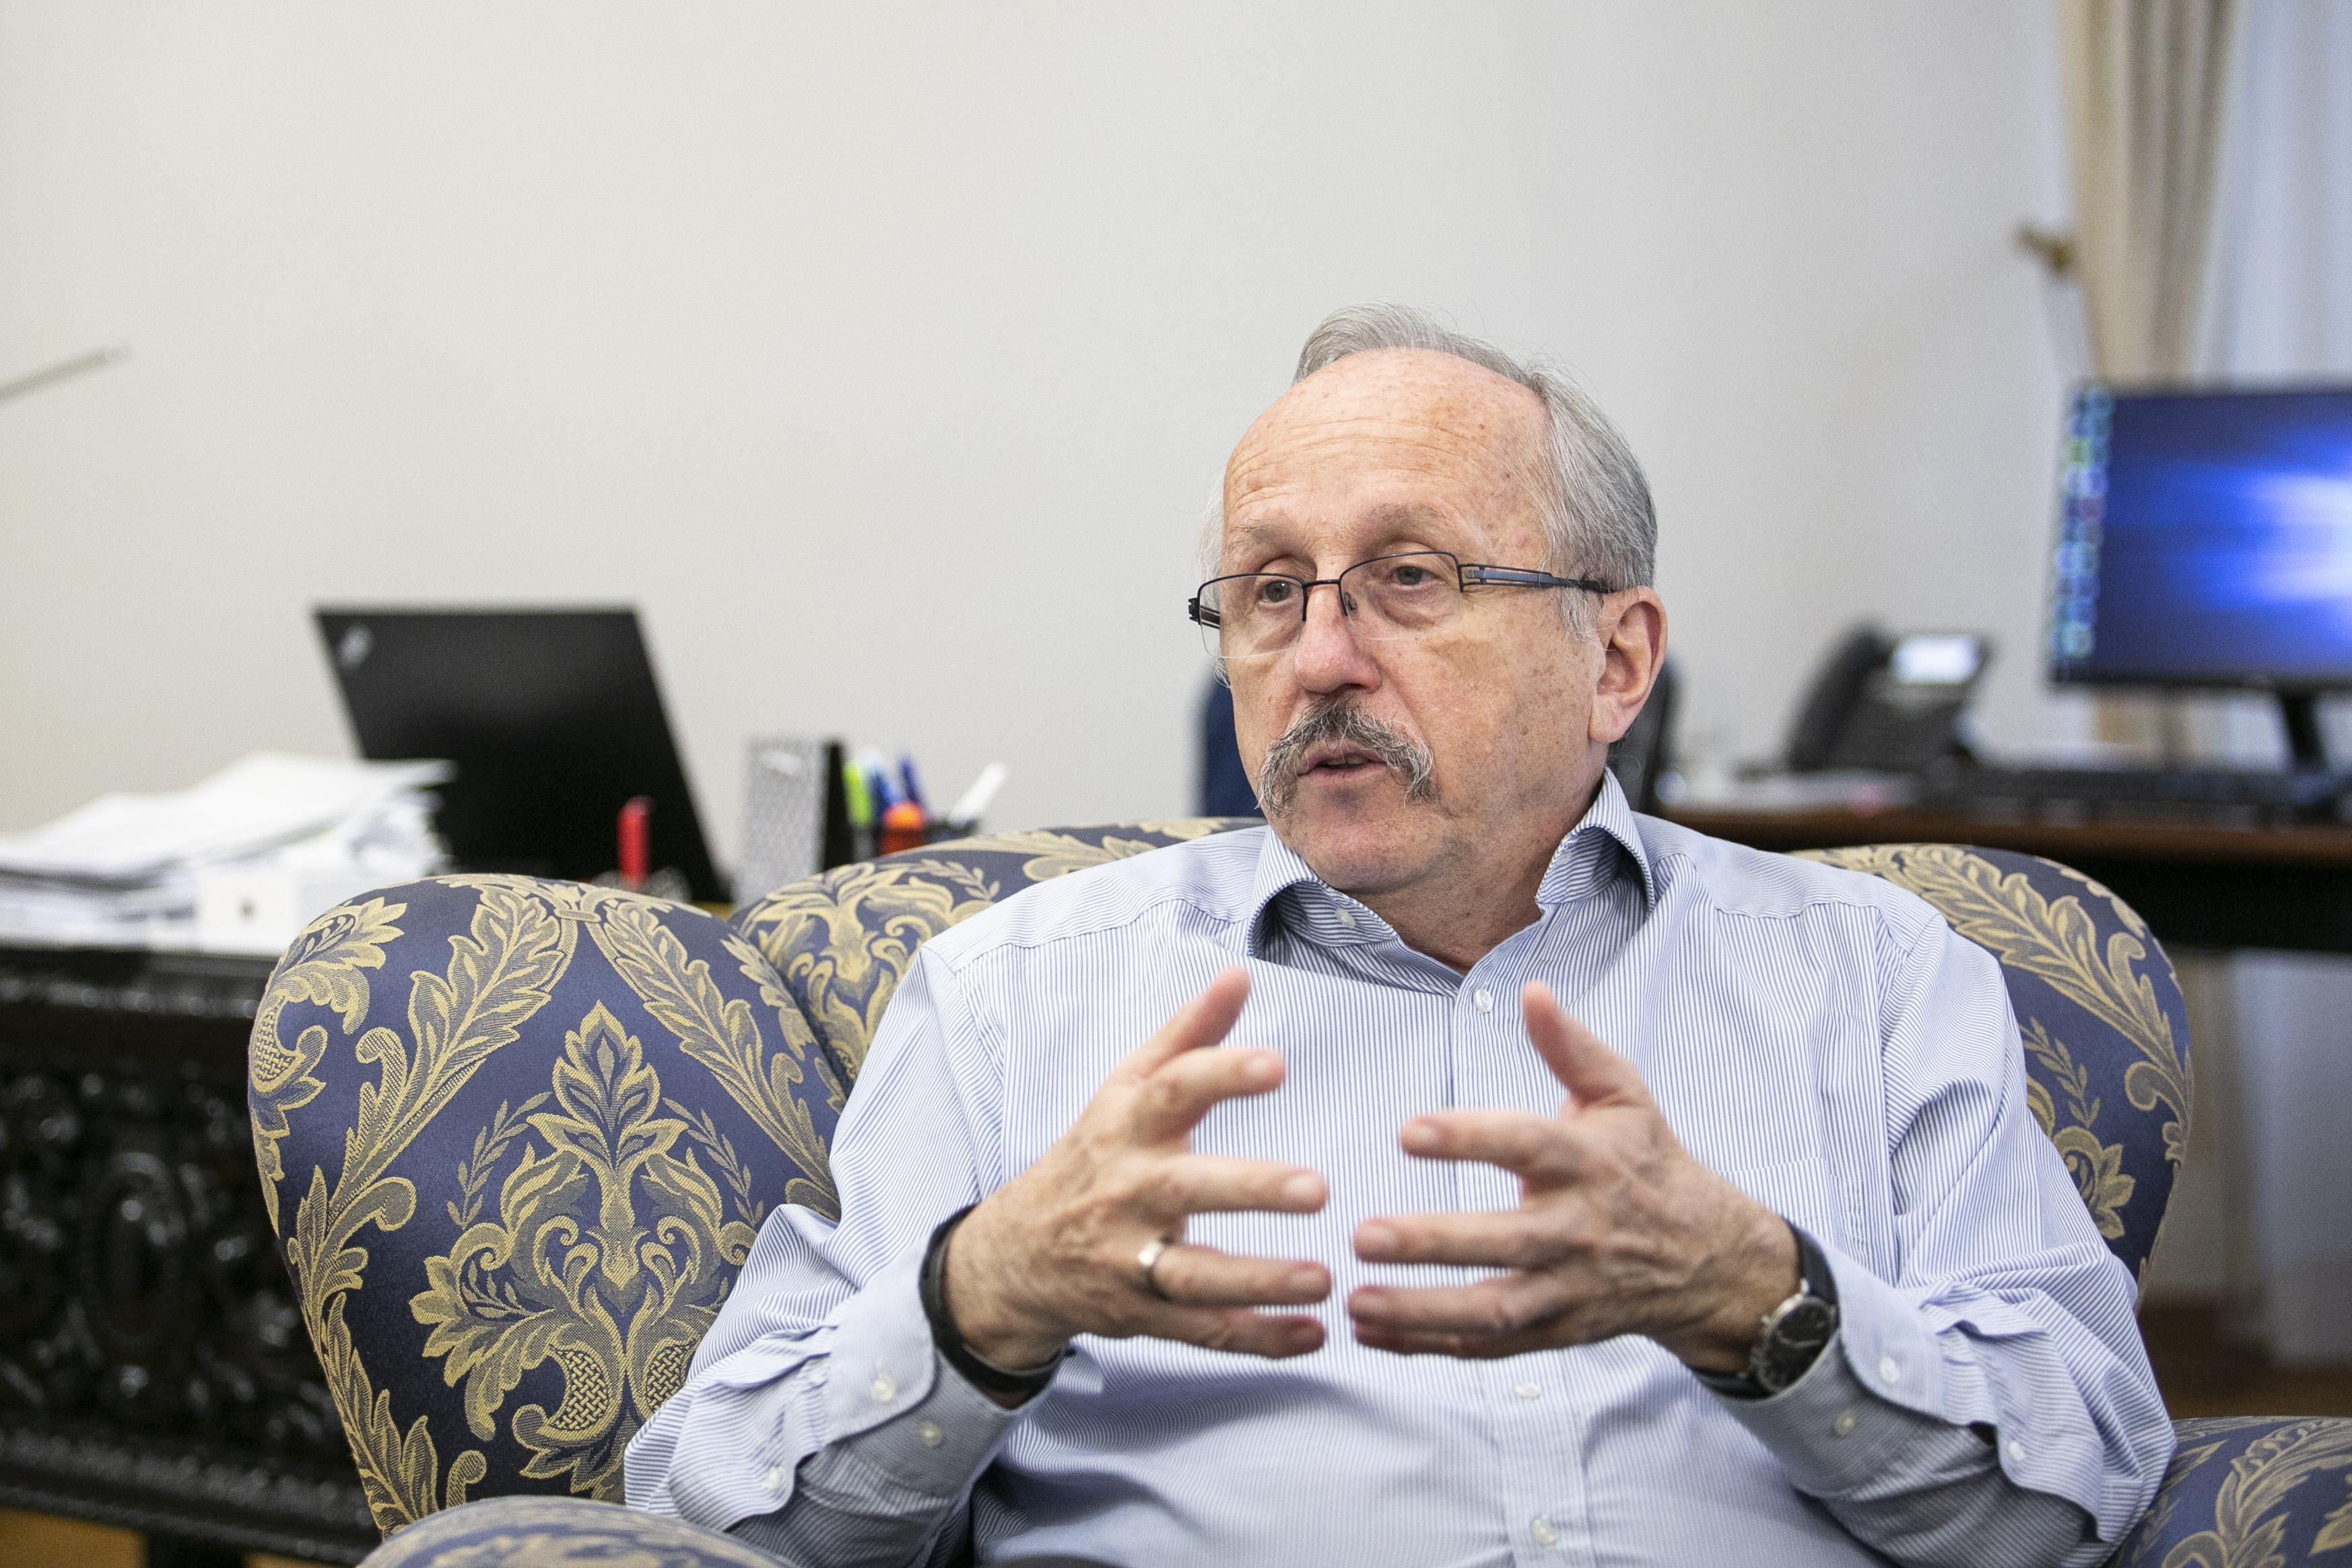 Niedermüllerre változtatta nevét a cég, ami ellen Niedermüller vizsgálatot indított